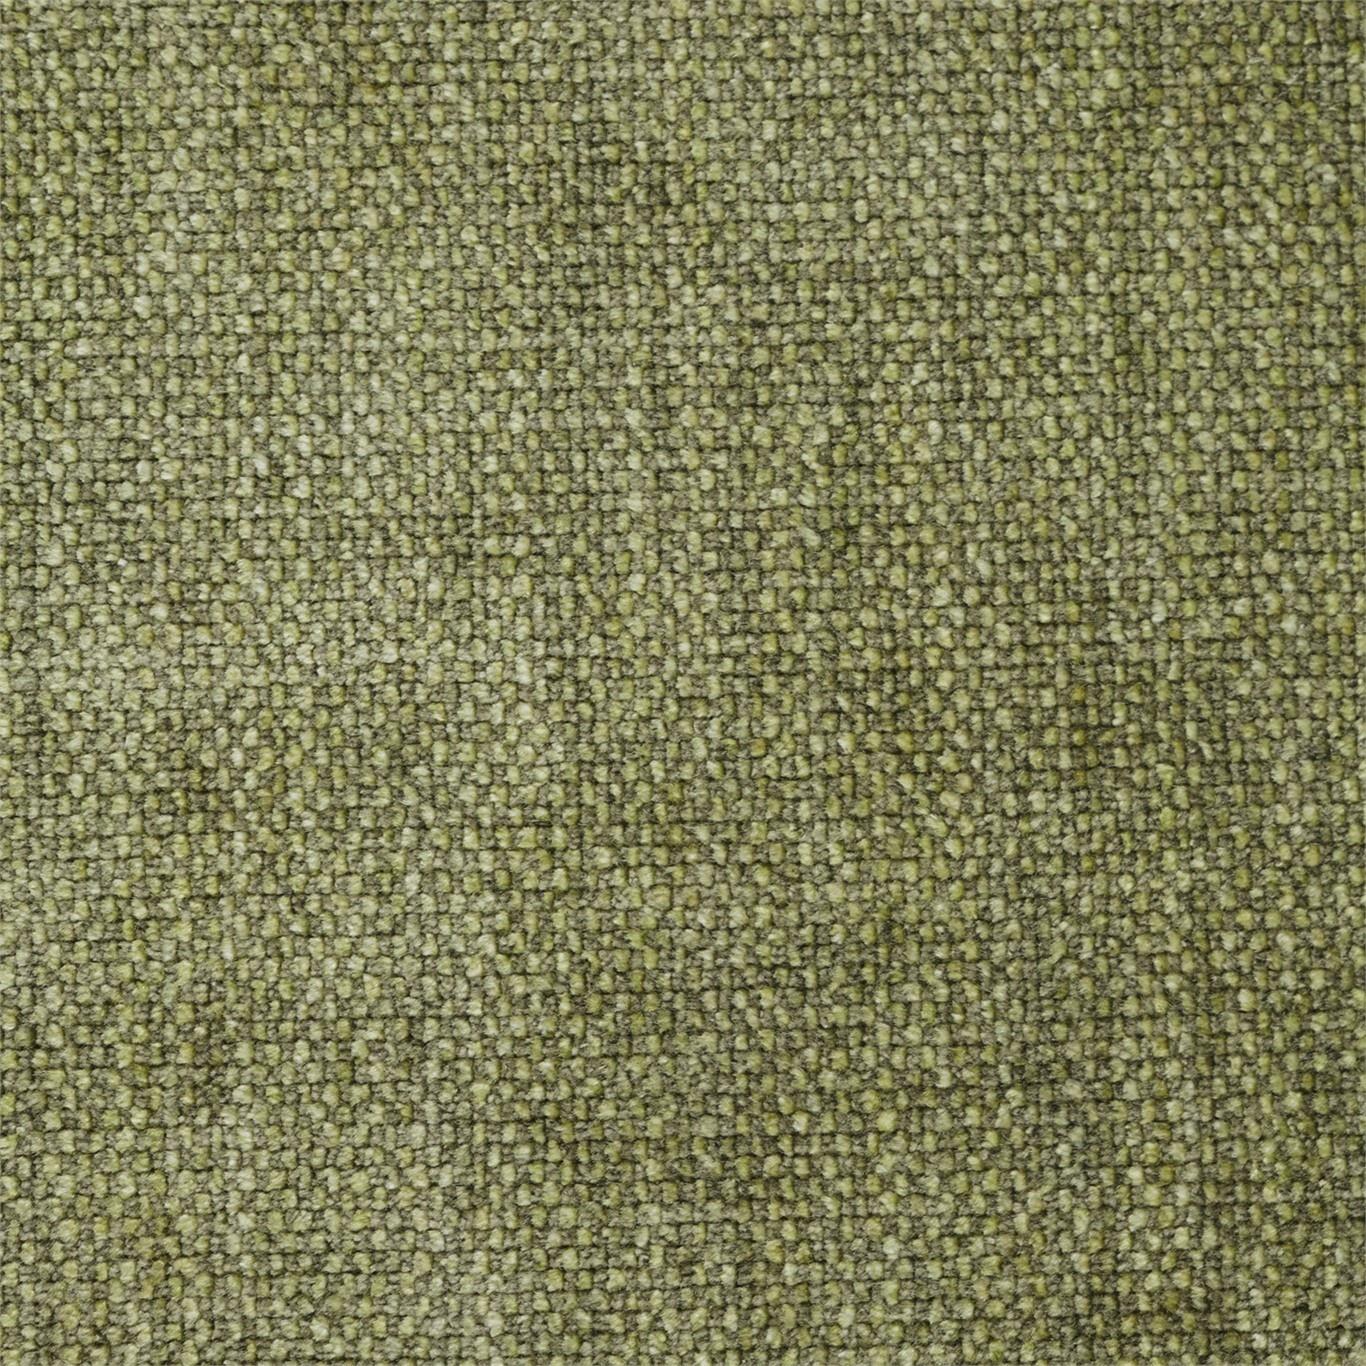 Image of Sanderson Moorbank Leaf Fabric 236301